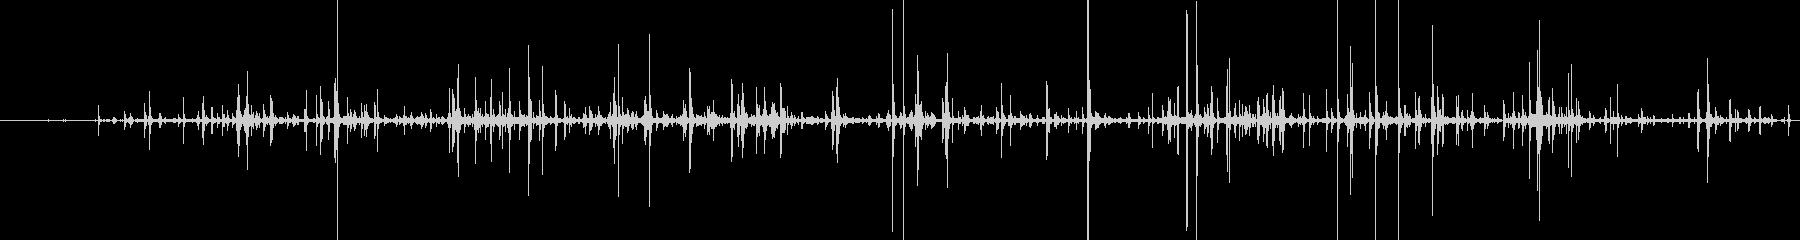 スローボーンクラッシュ、ヒューマン...の未再生の波形